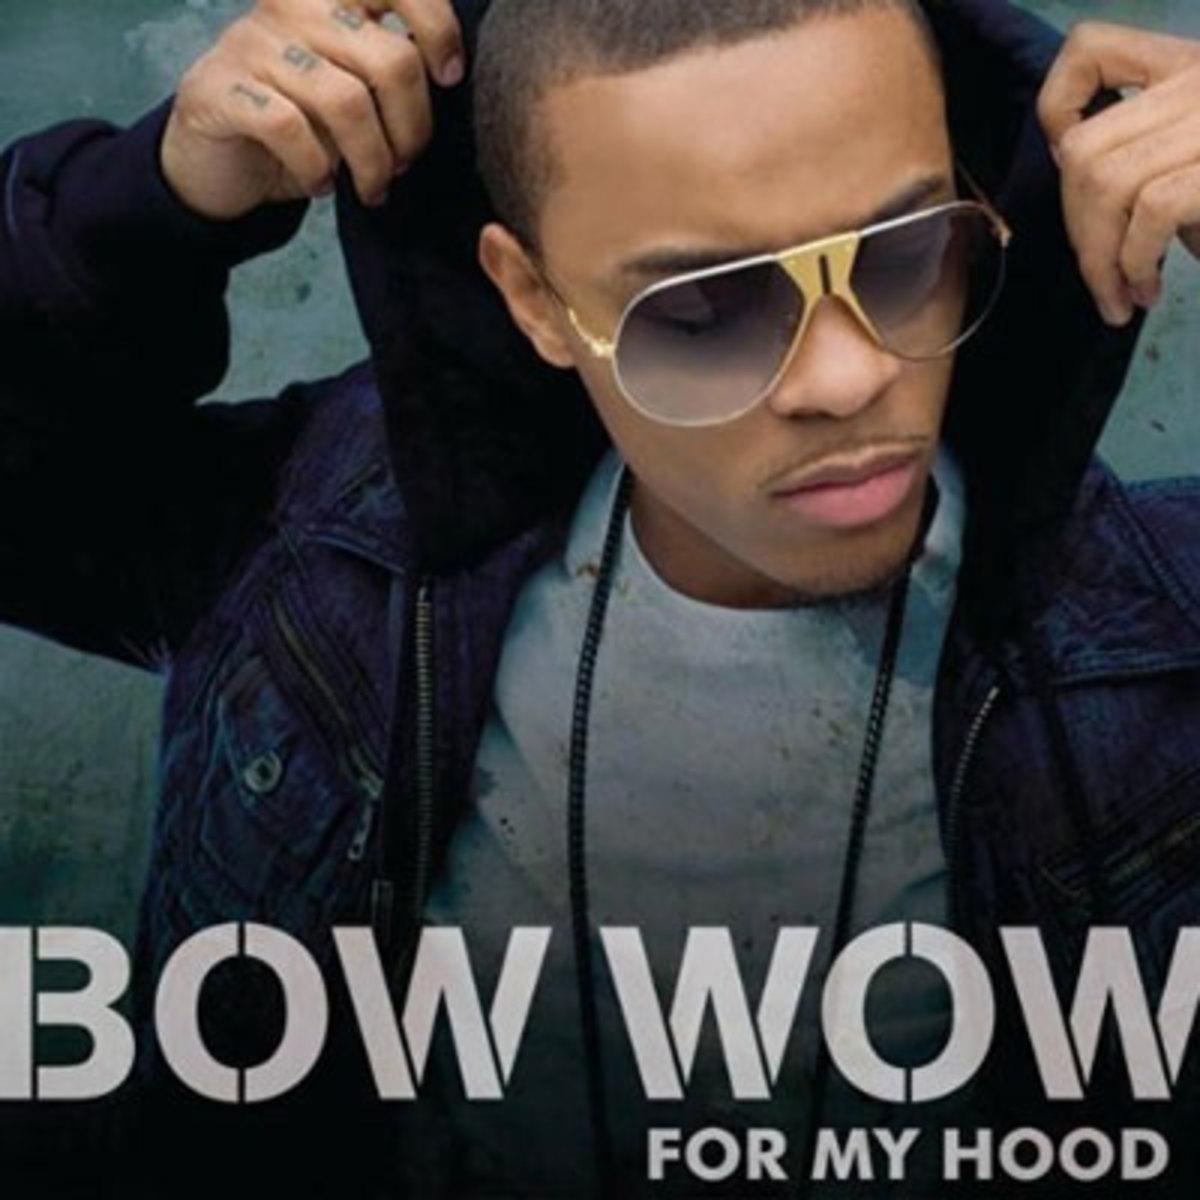 bowwow-formyhood.jpg